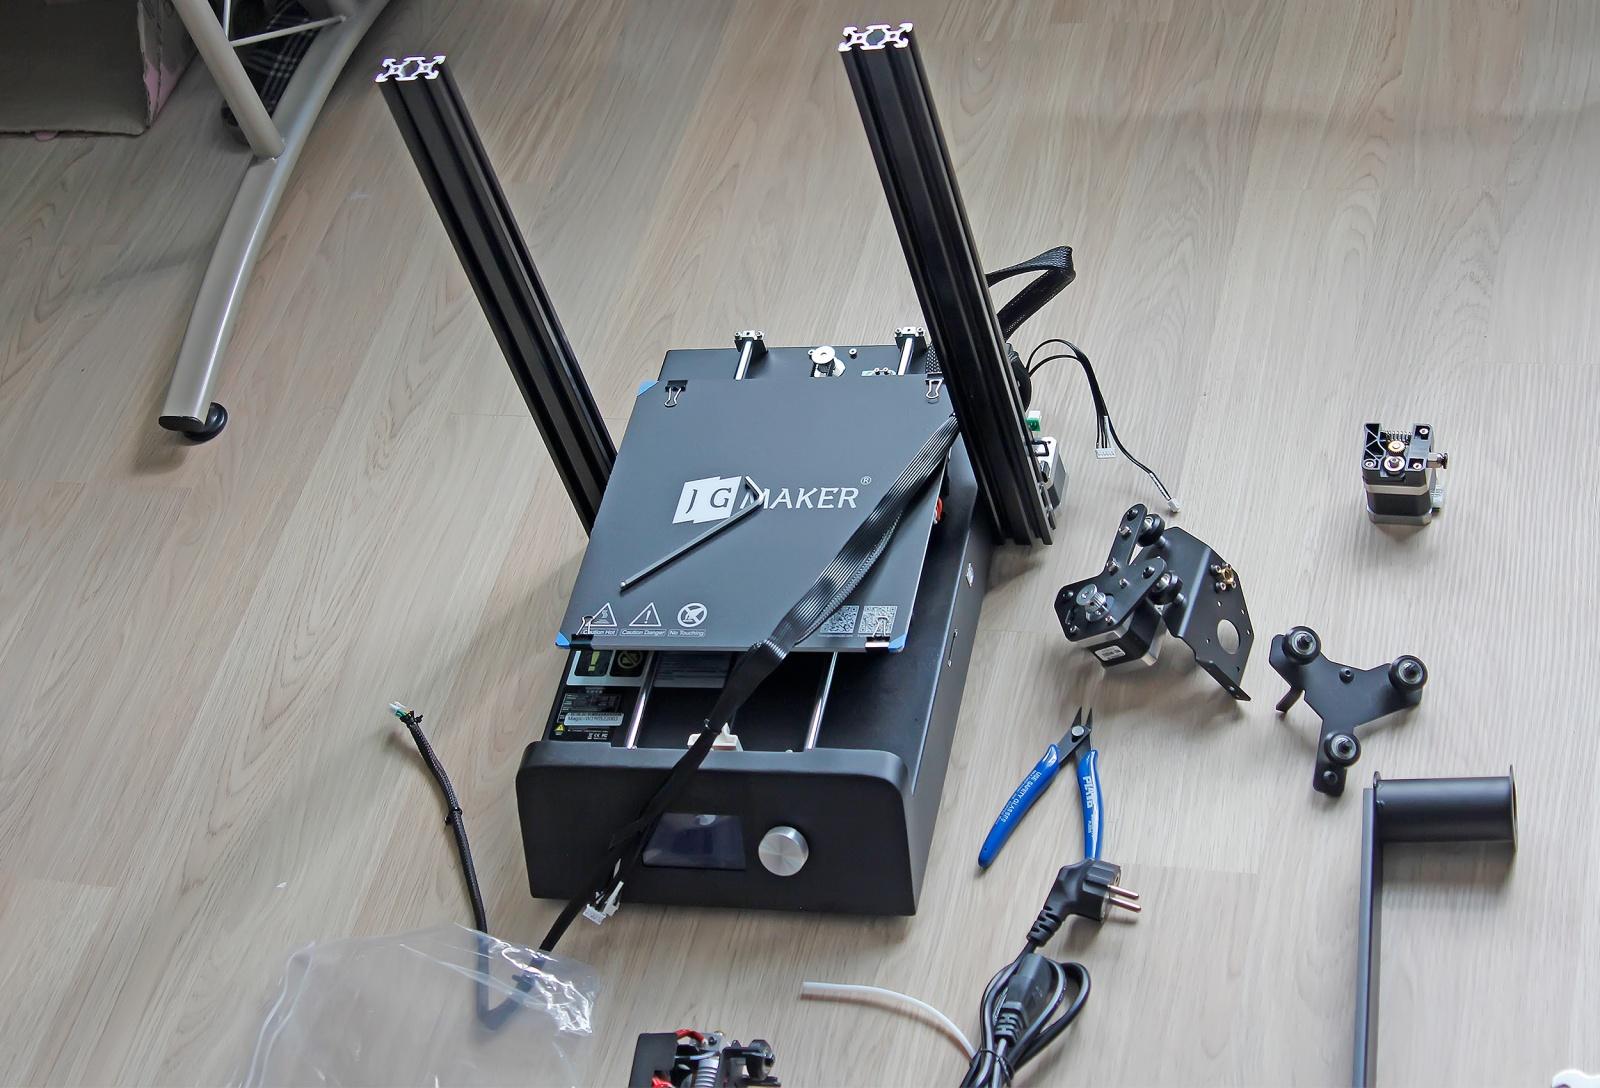 JG Maker — достойная альтернатива недорогим 3D-принтерам для начинающих - 22